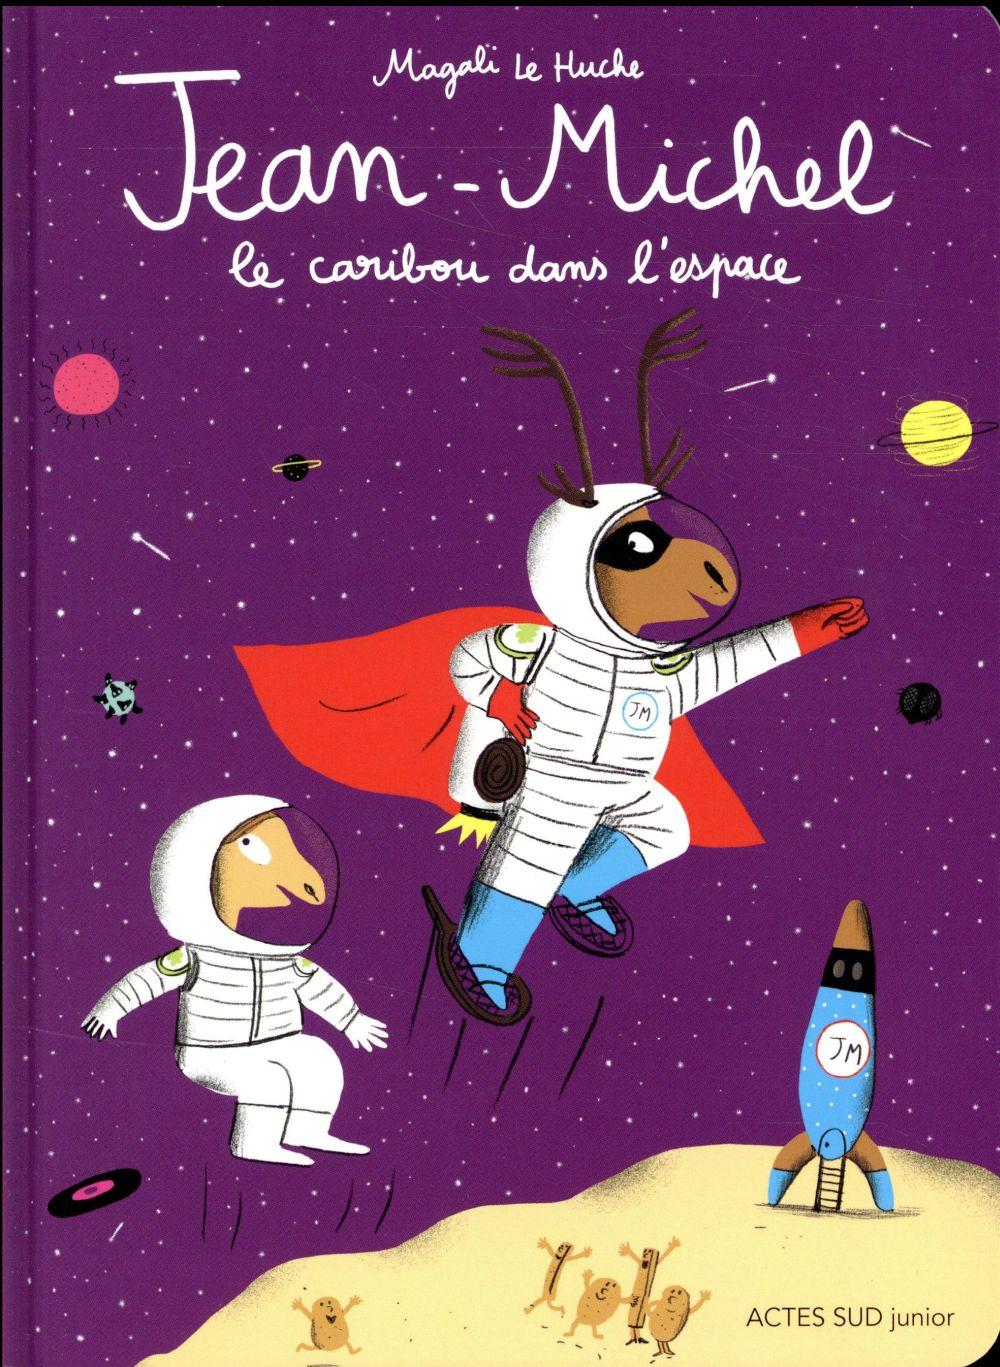 Jean-Michel le caribou dans l'espace